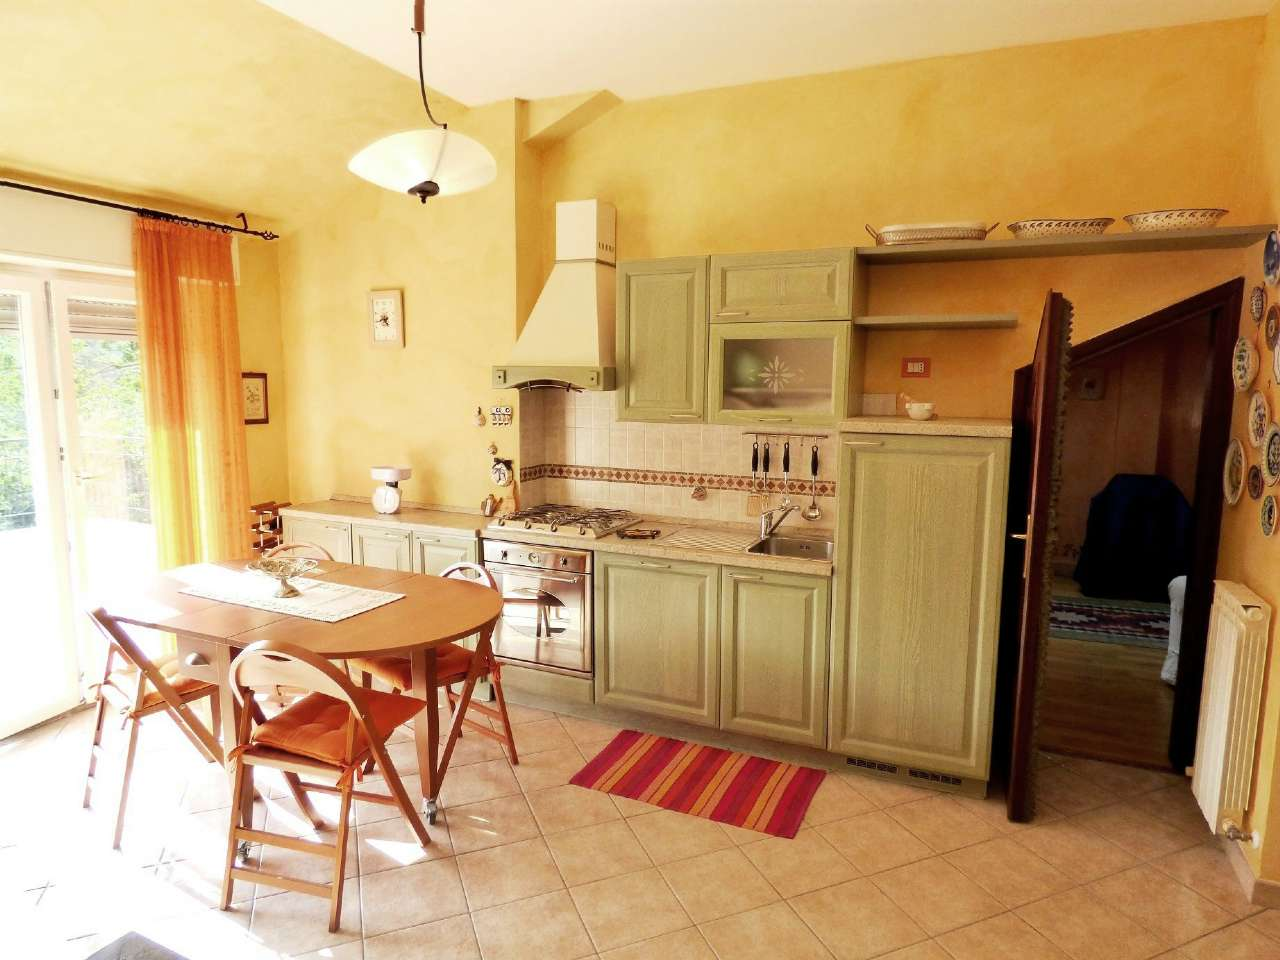 Appartamento in vendita a Moconesi, 4 locali, prezzo € 72.000 | PortaleAgenzieImmobiliari.it